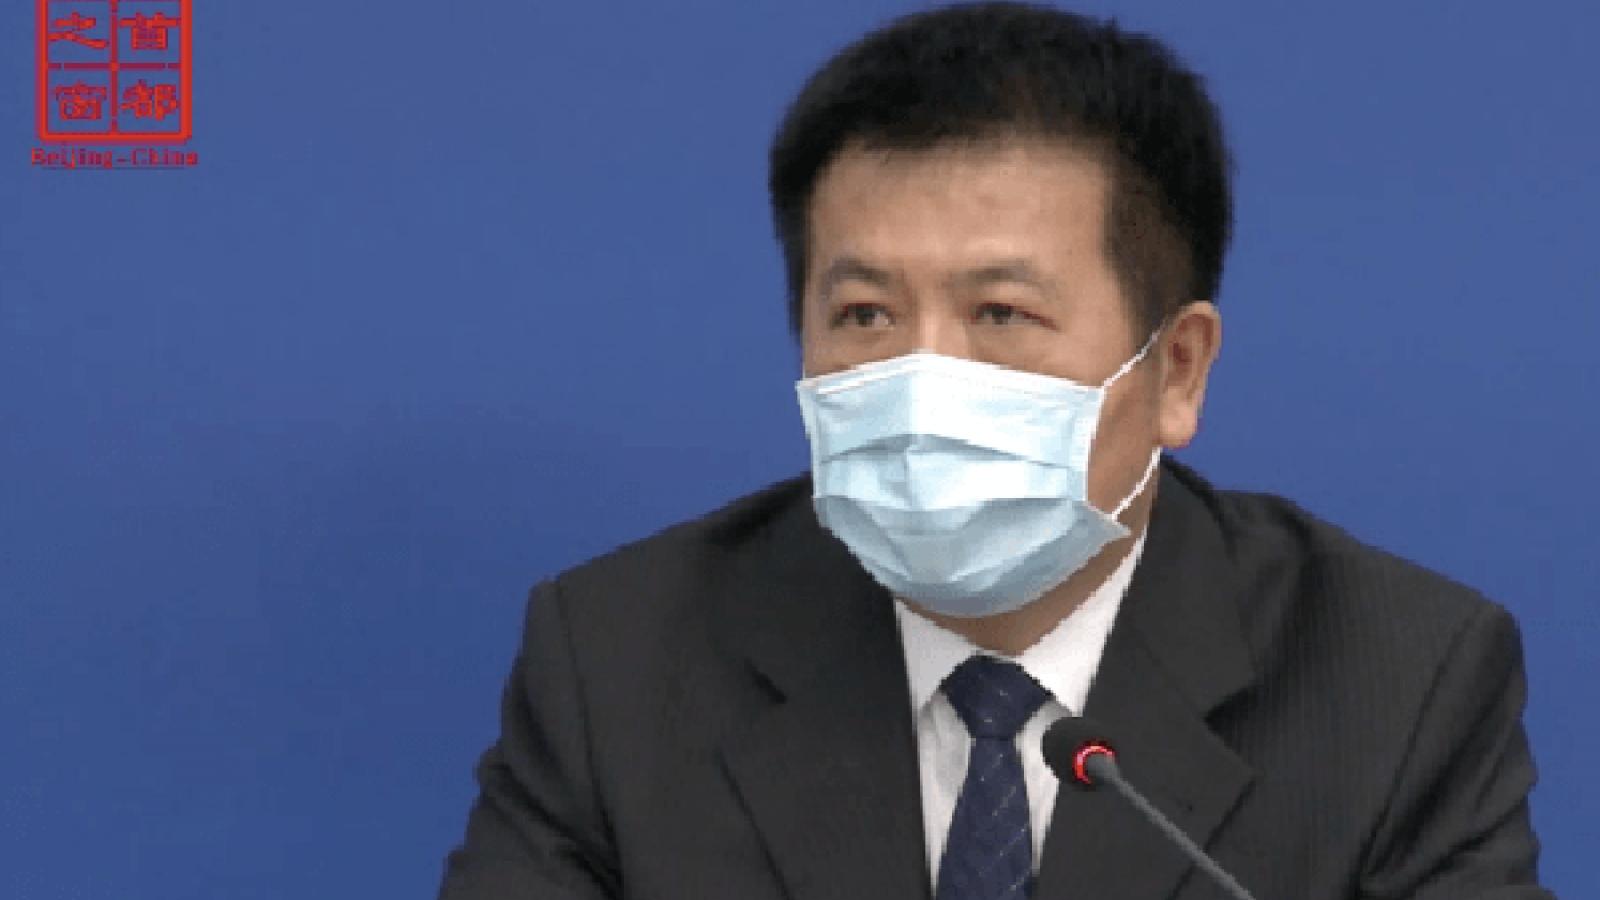 Bắc Kinh cơ bản khống chế dịch Covid-19 ở Tân Phát Địa sau 2 tuần